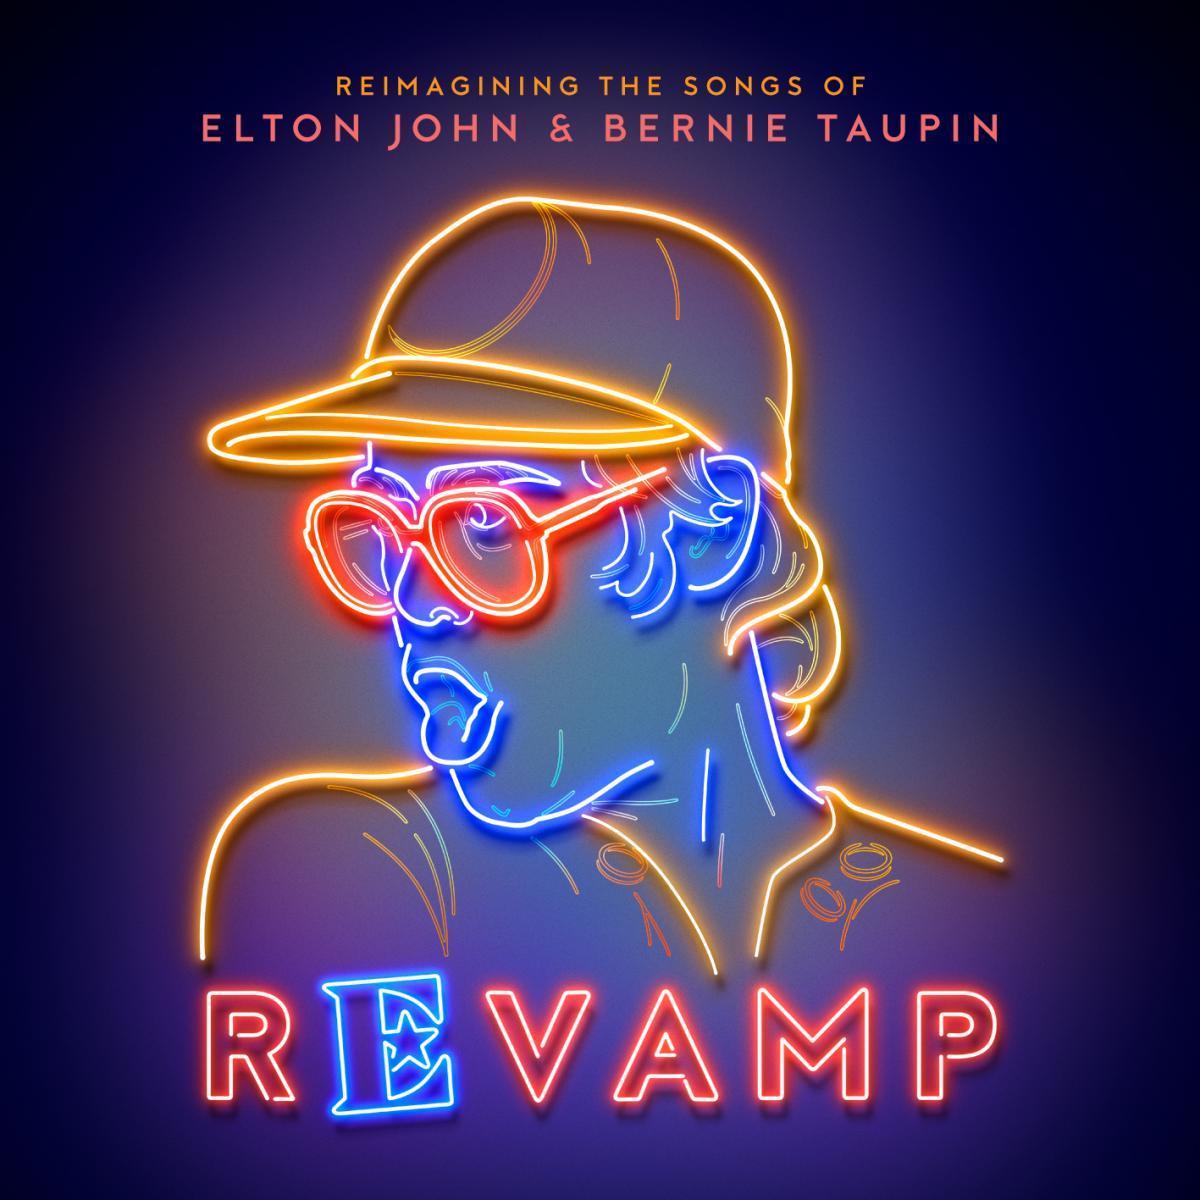 Черкасский художник создал обложку для альбома Элтона Джона